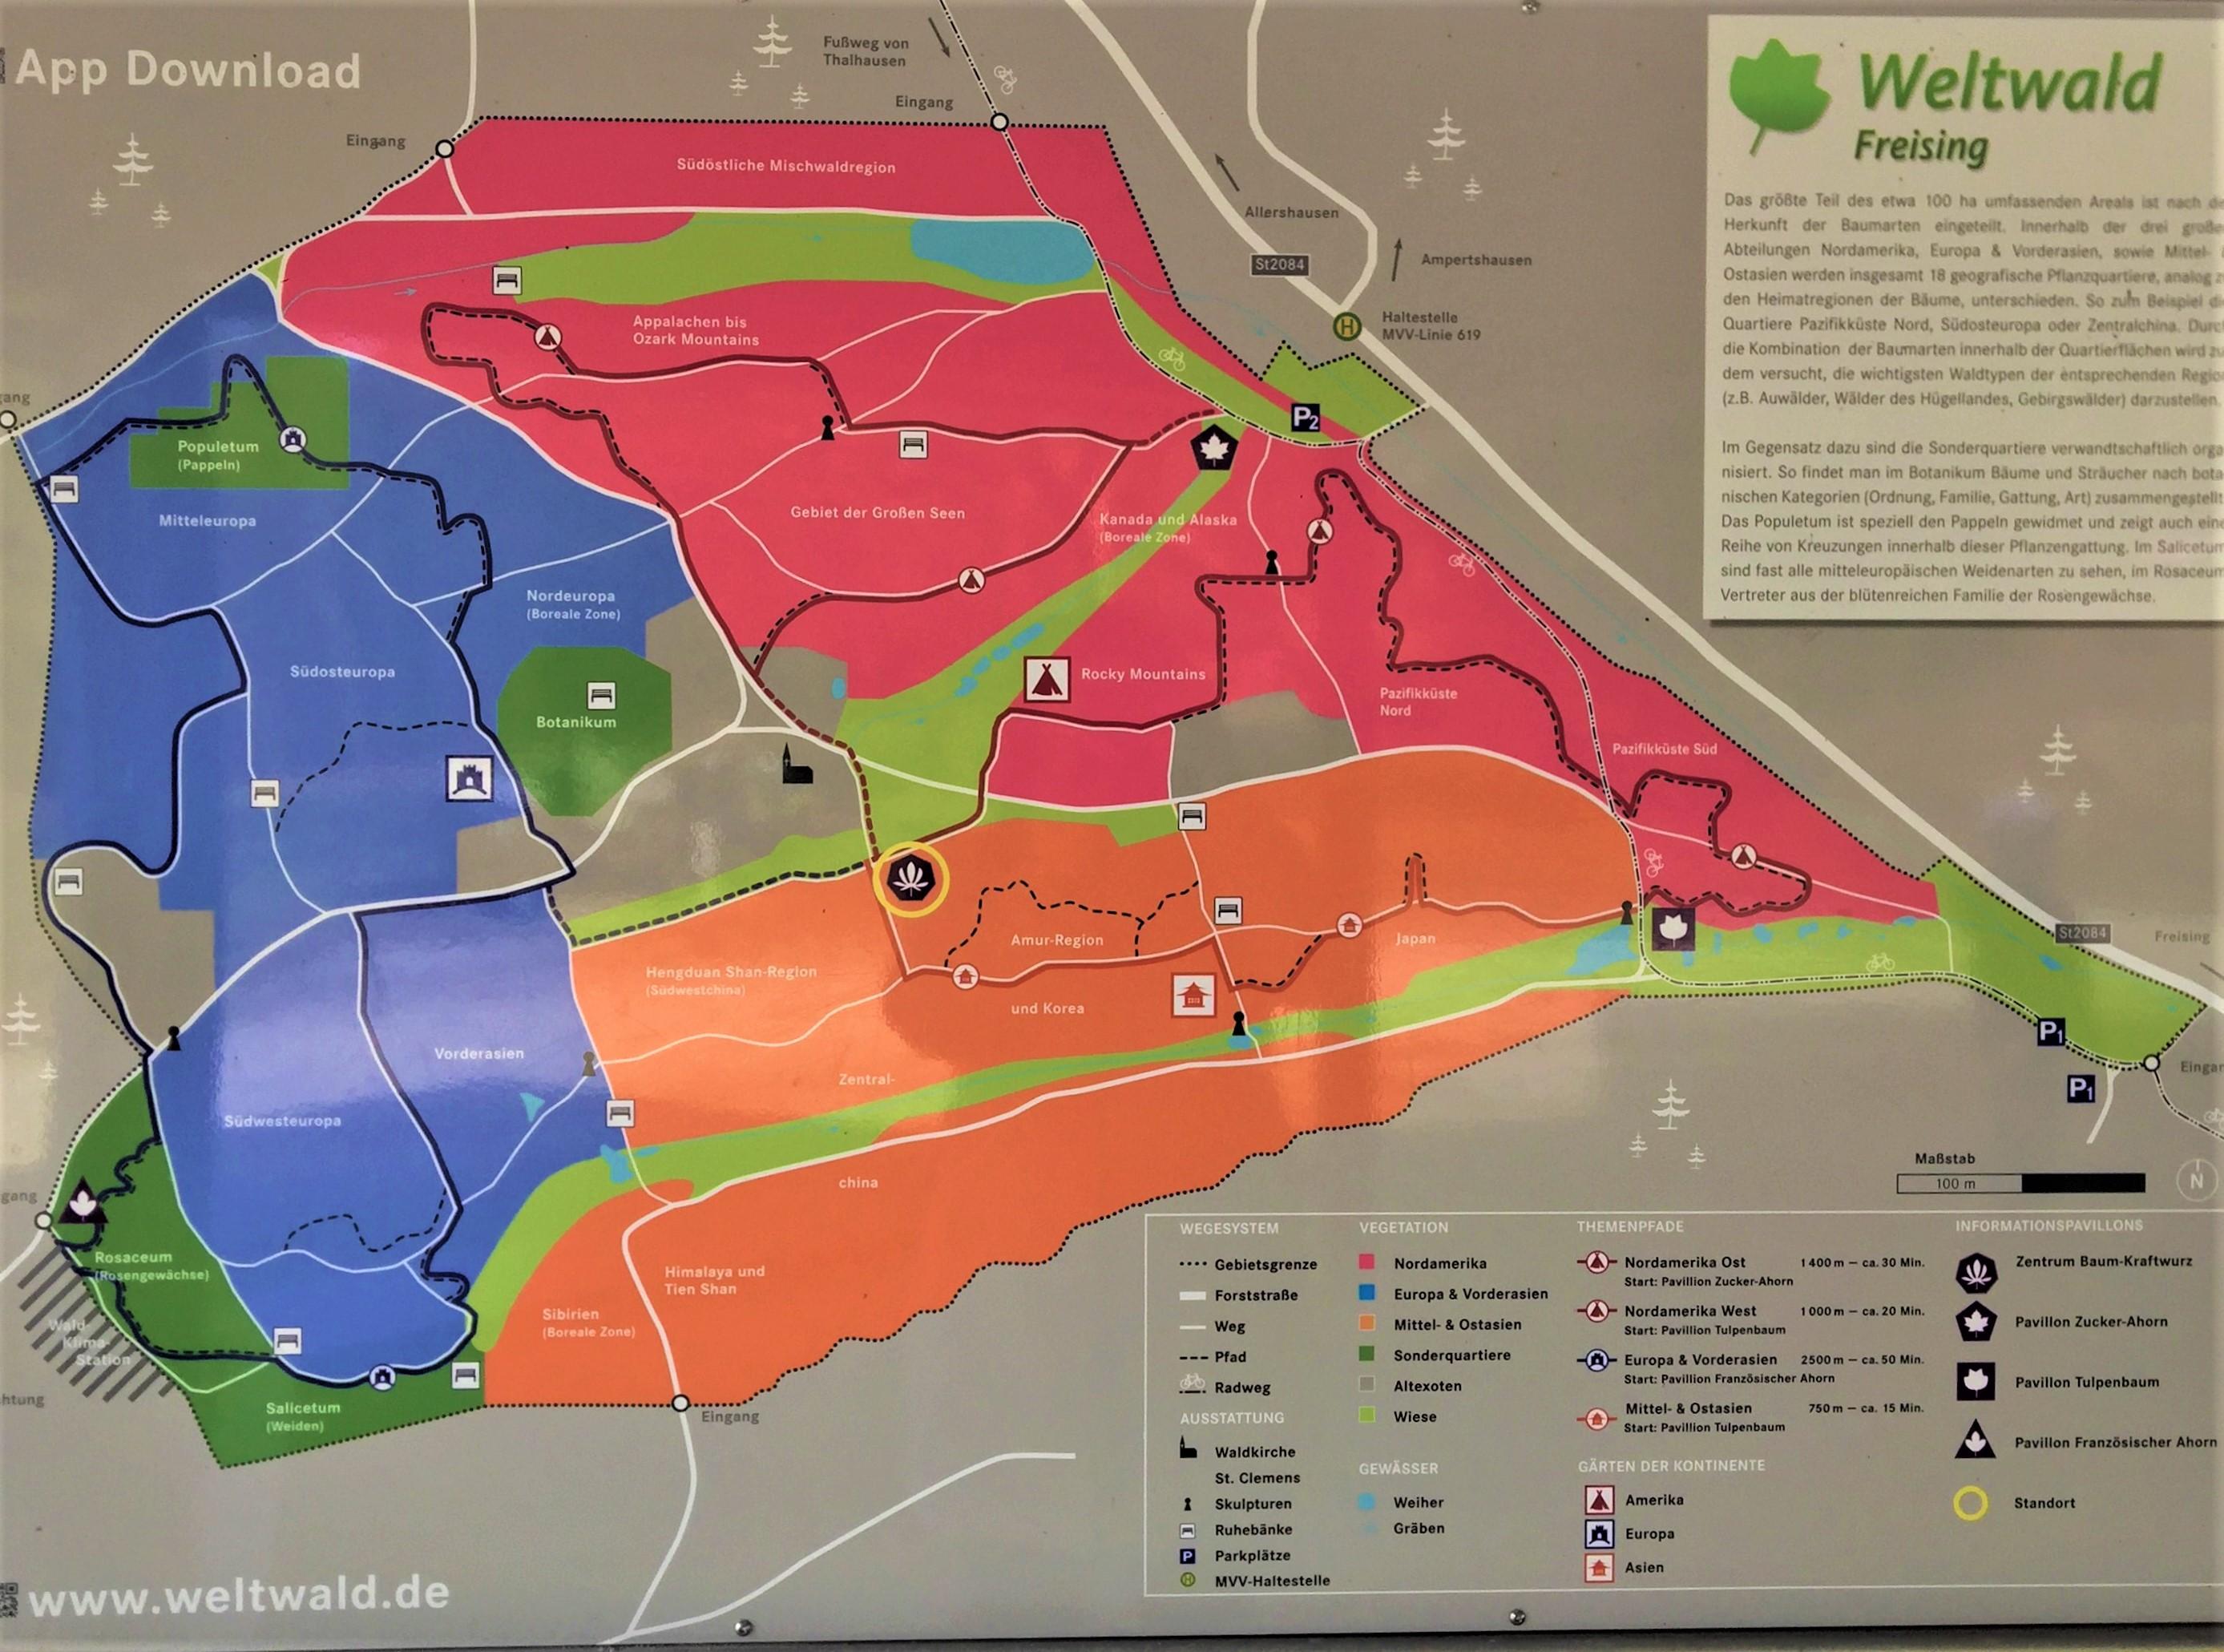 Uebersichtstafel Weltwald Freising